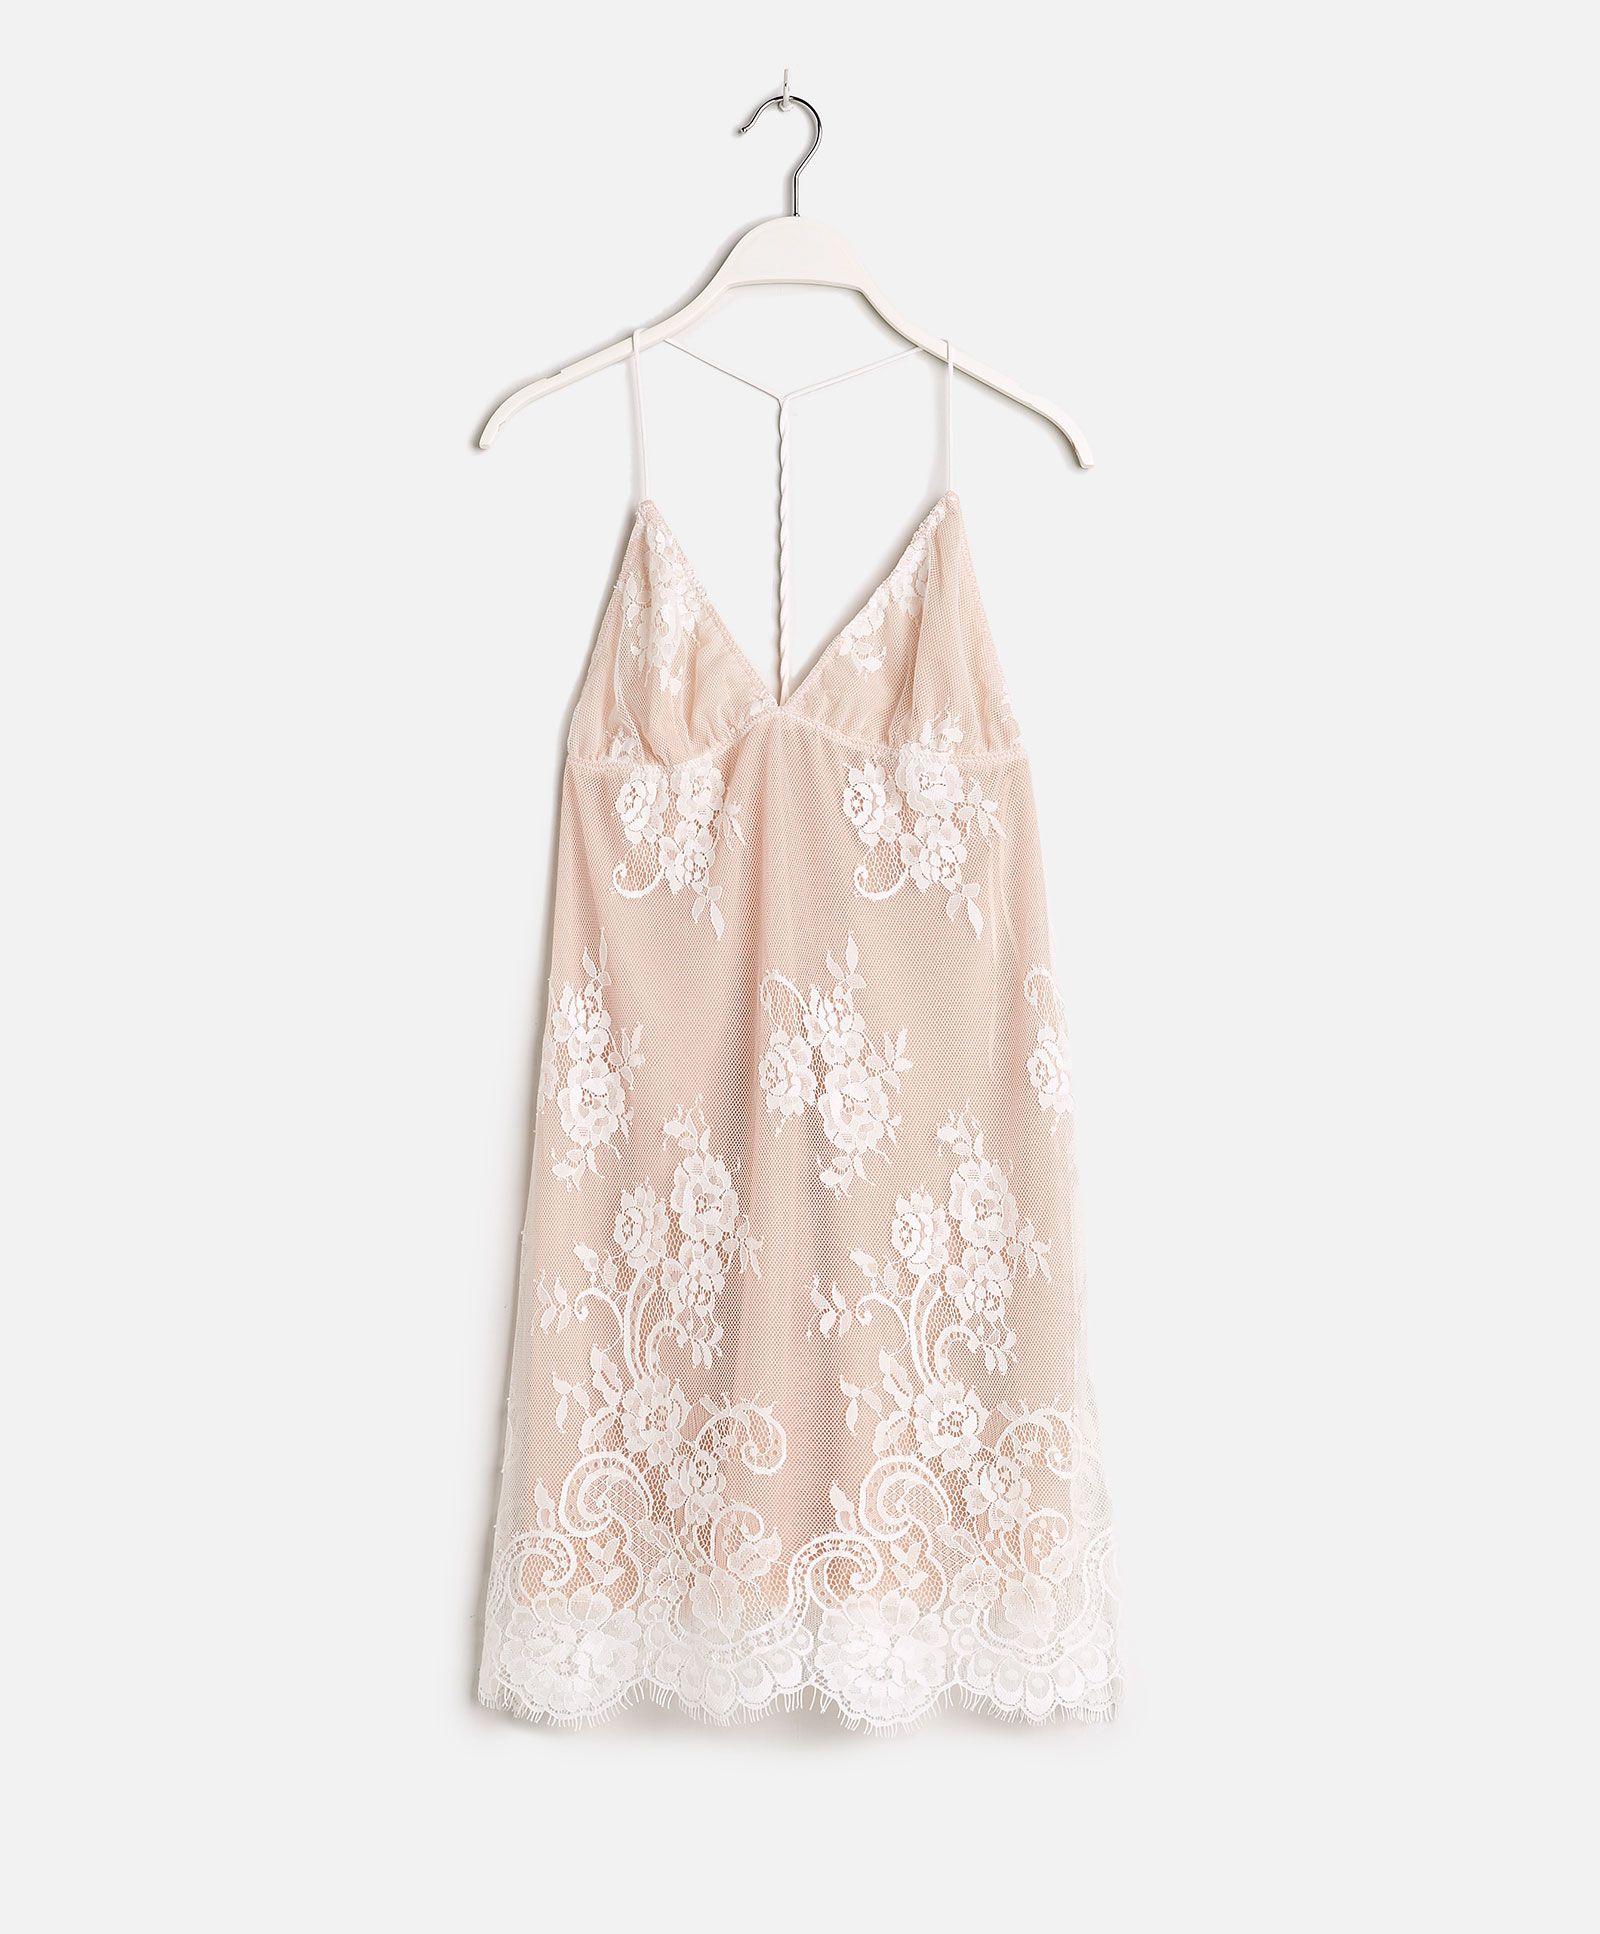 Lace dress nightwear  Lace nightdress  OYSHO  Odeca   Pinterest